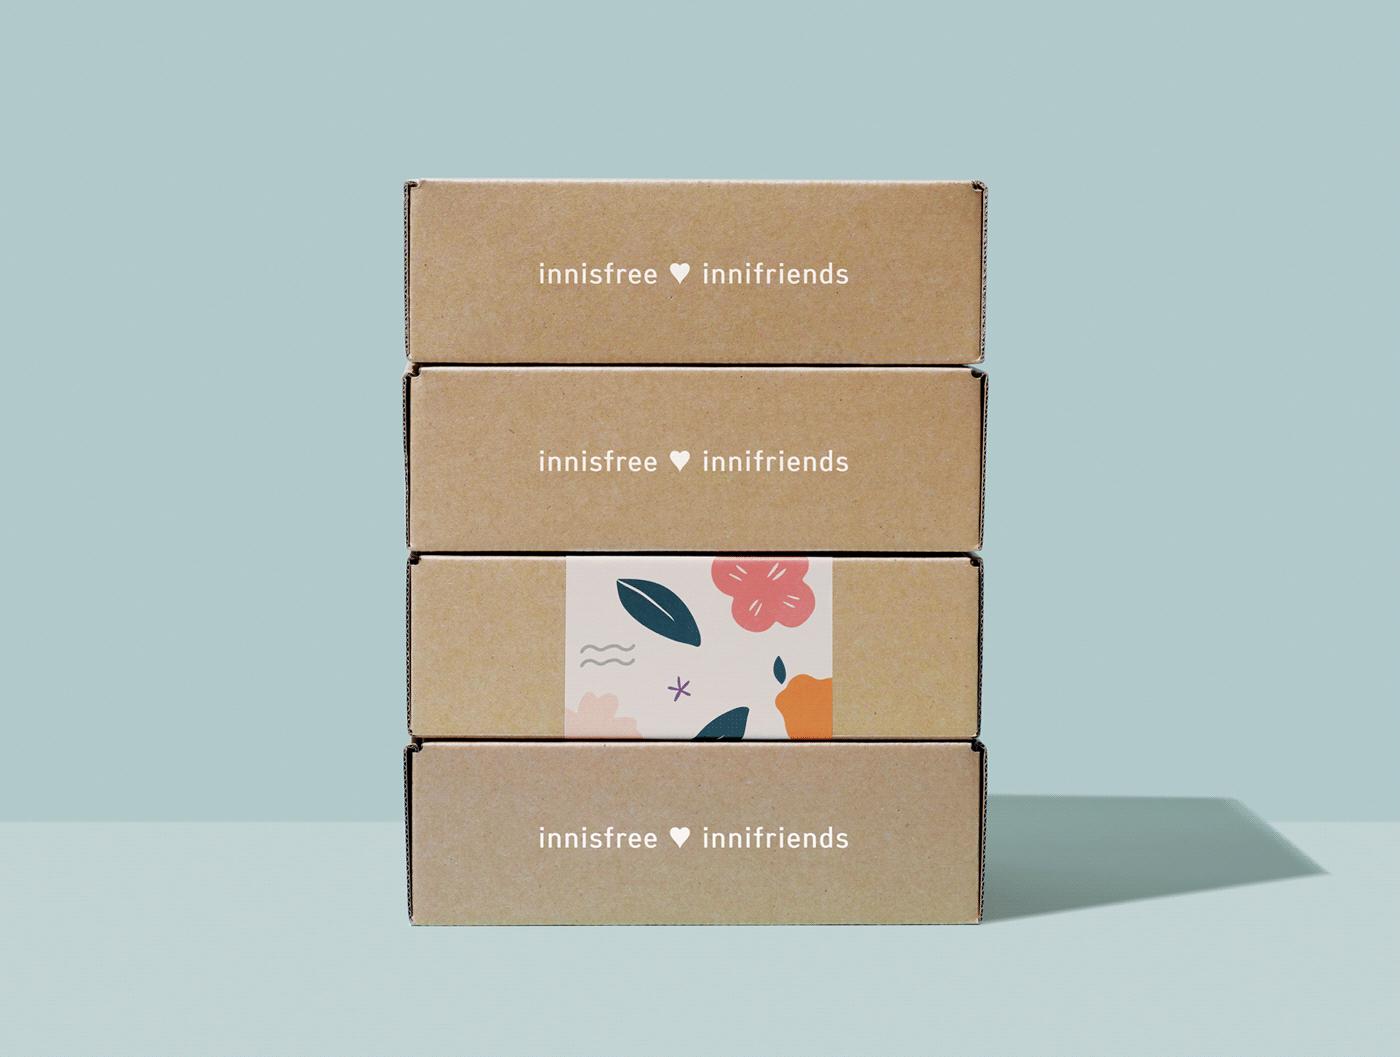 Image may contain: box, carton and cardboard